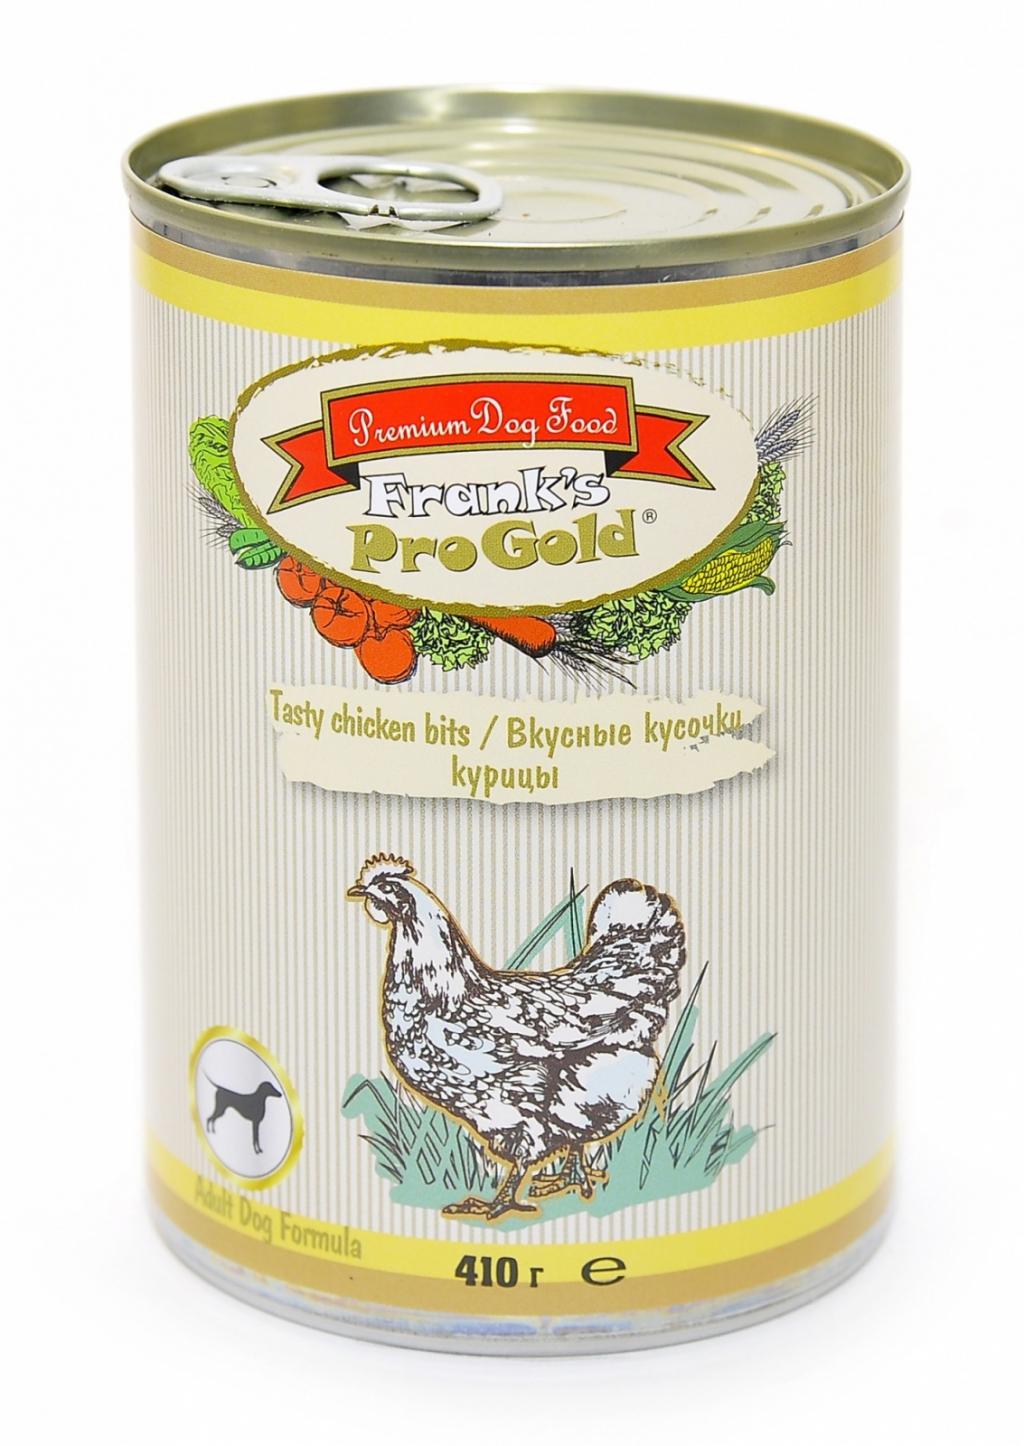 """Франкс Про Голд Консервы """"Вкусные кусочки курицы"""" Tasty chicken bits Dog Recipe для собак, 410 г, Frank's ProGold"""